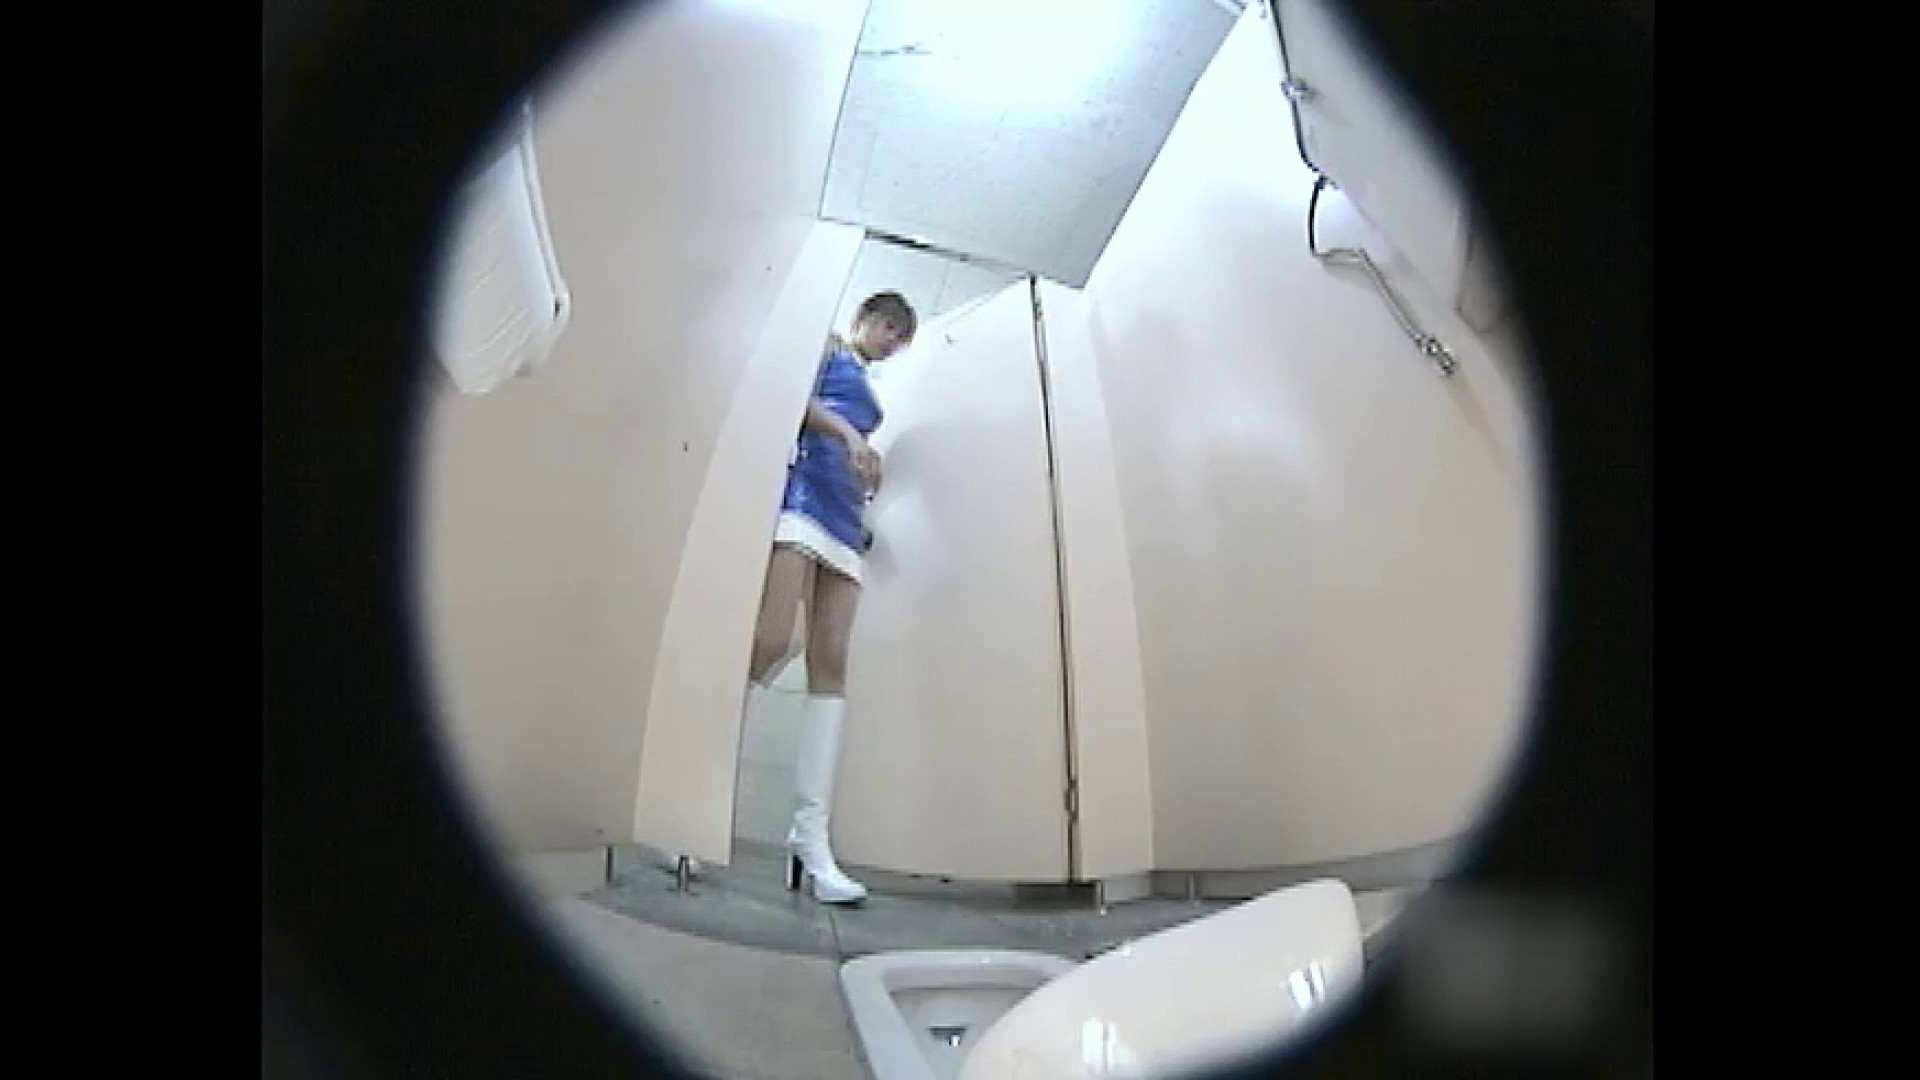 レースクィーントイレ盗撮!Vol.02 盗撮シリーズ   美女まとめ  78PIX 19